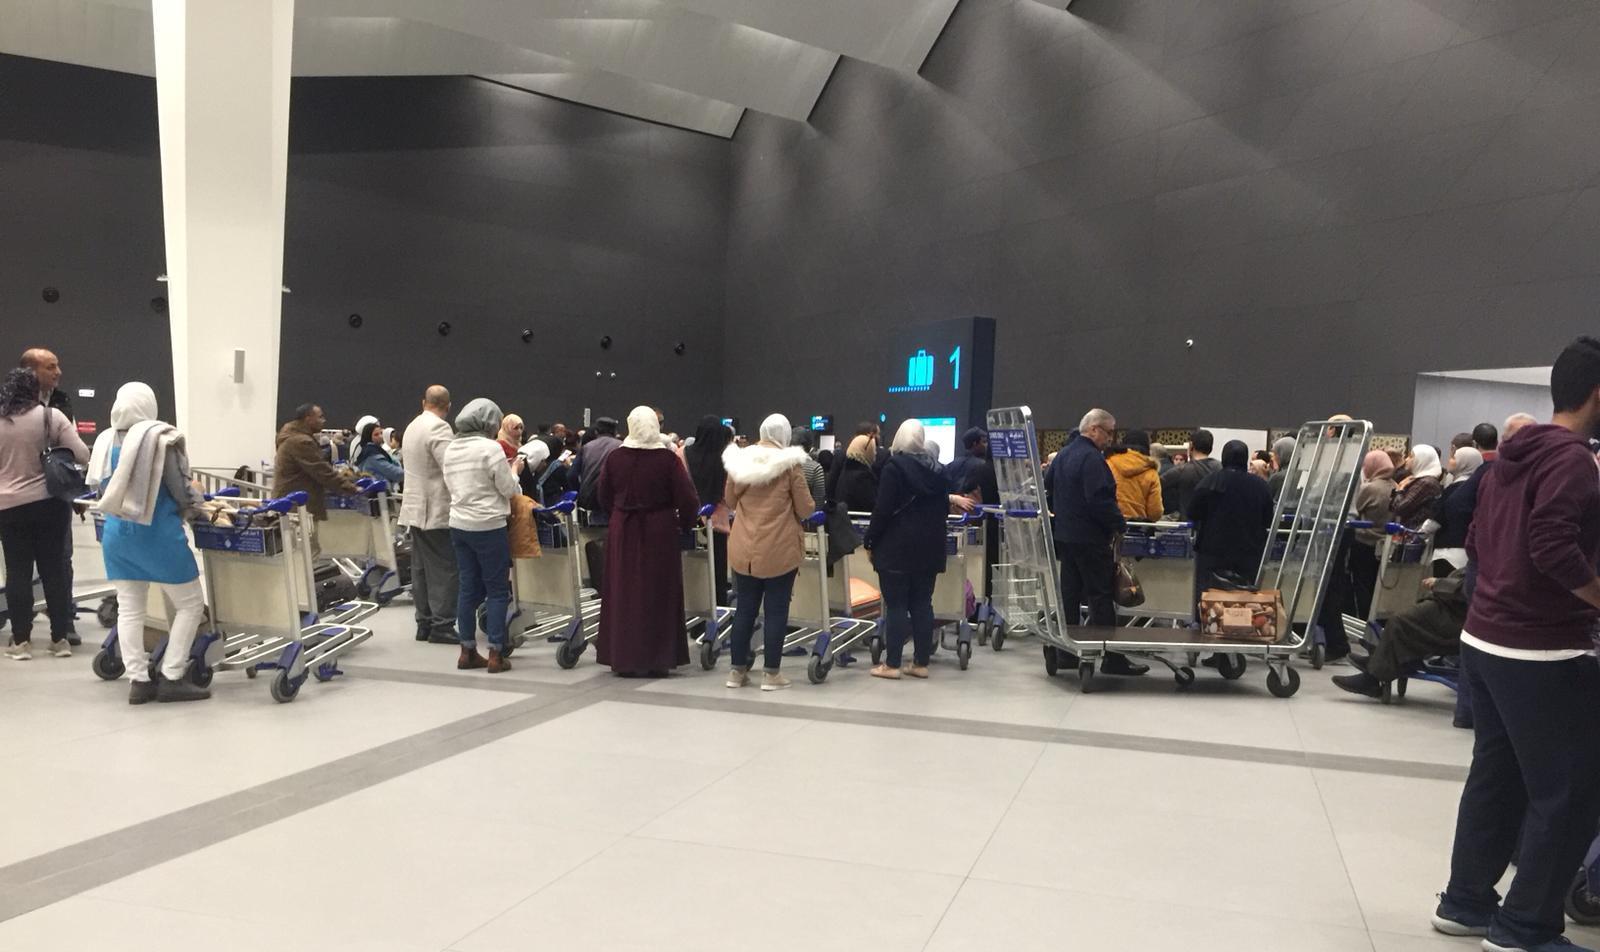 مطار الكويت زحمه - 8 دنانير رسوم على كل تذكرة سفر في مطار الكويت